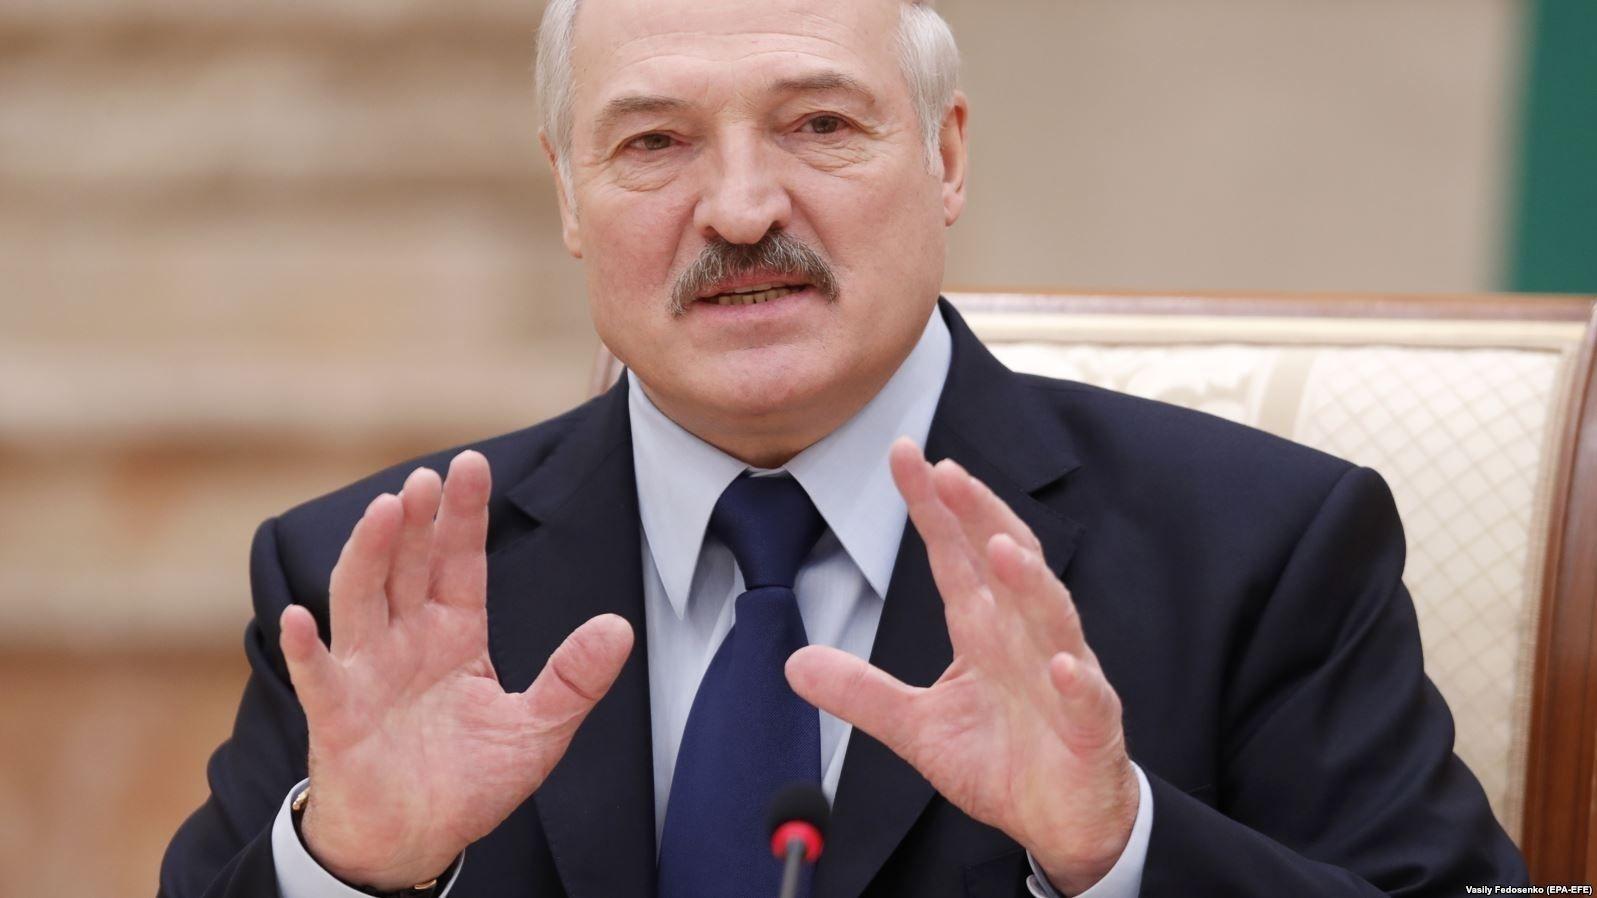 Беларусийн ерөнхийлөгч тахлаас сэргийлэхэд архи, хоккей, саун гурав үр дүнтэй болохыг өөрийн иргэдэд зөвлөжээ